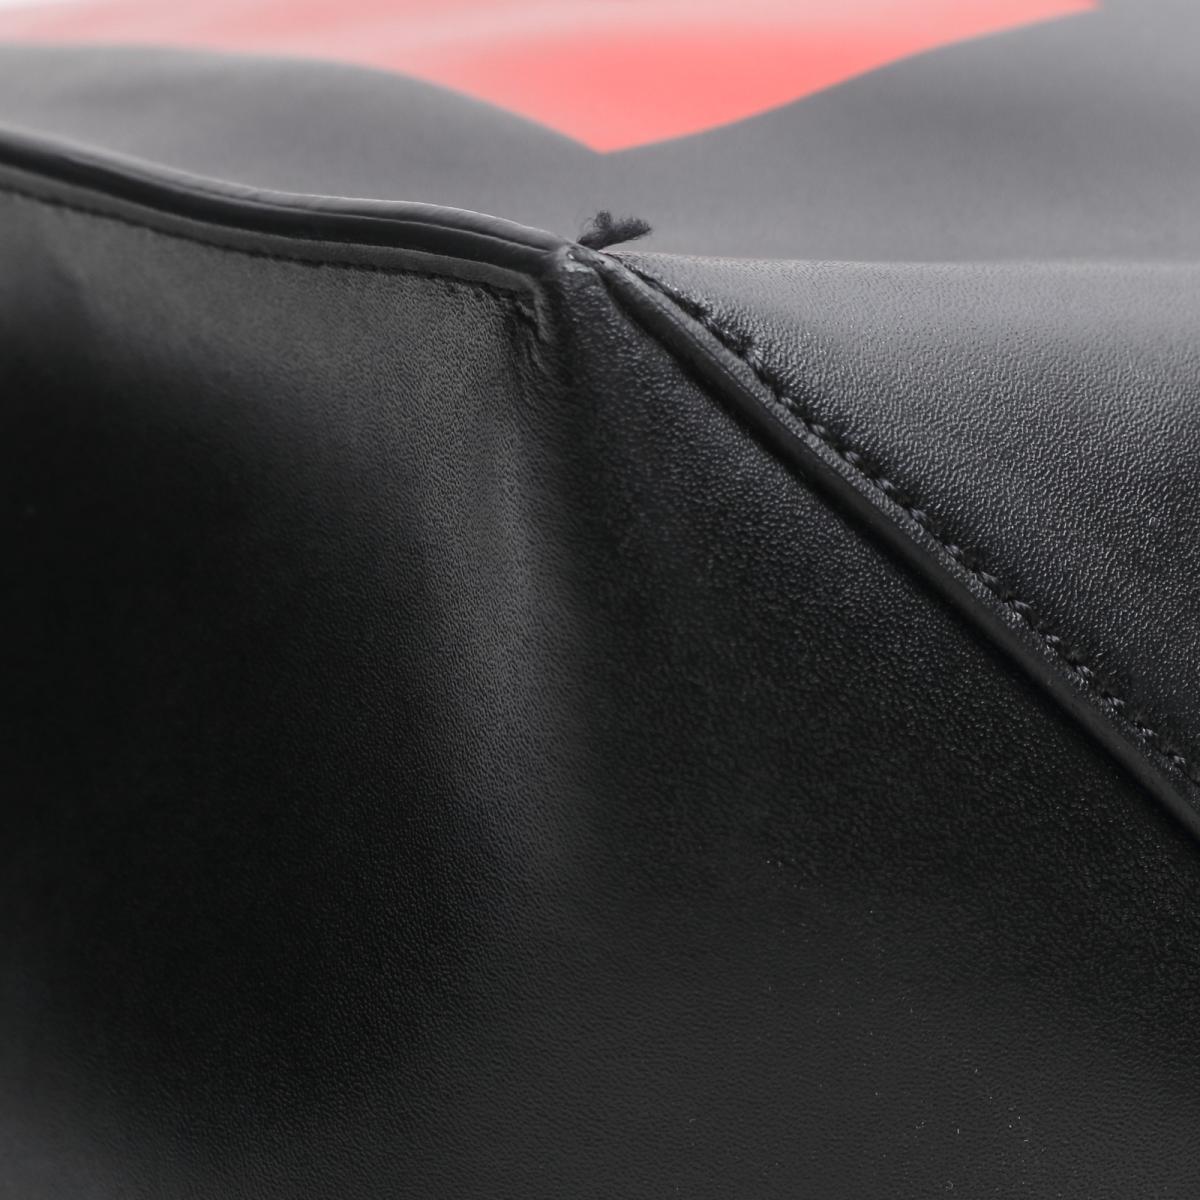 ジバンシー LOVE ロゴ トートバッグ ポーチ無 メンズ レディース レザー ブラック x メタリックレッドBB05U80780ー009GIVENCHY BRANDOFF ブランドオフ ブランド ブランドバッグ バッグ トートバック トート80PnkXwO